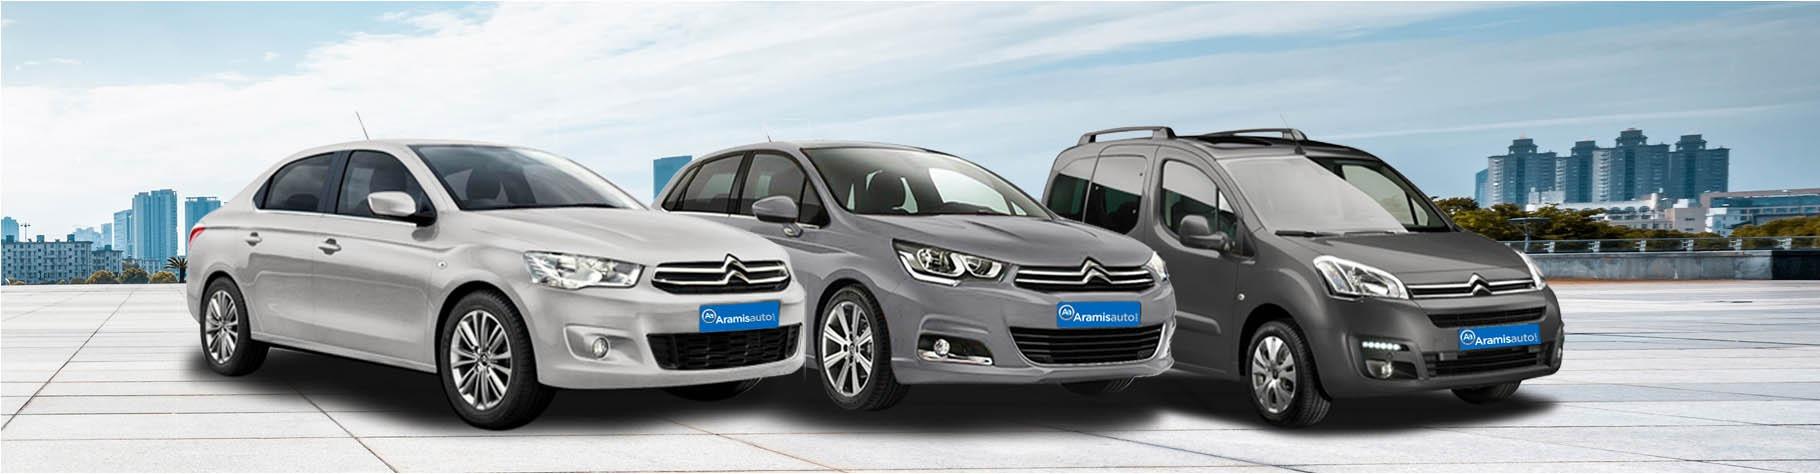 Guide d'achat Citroën